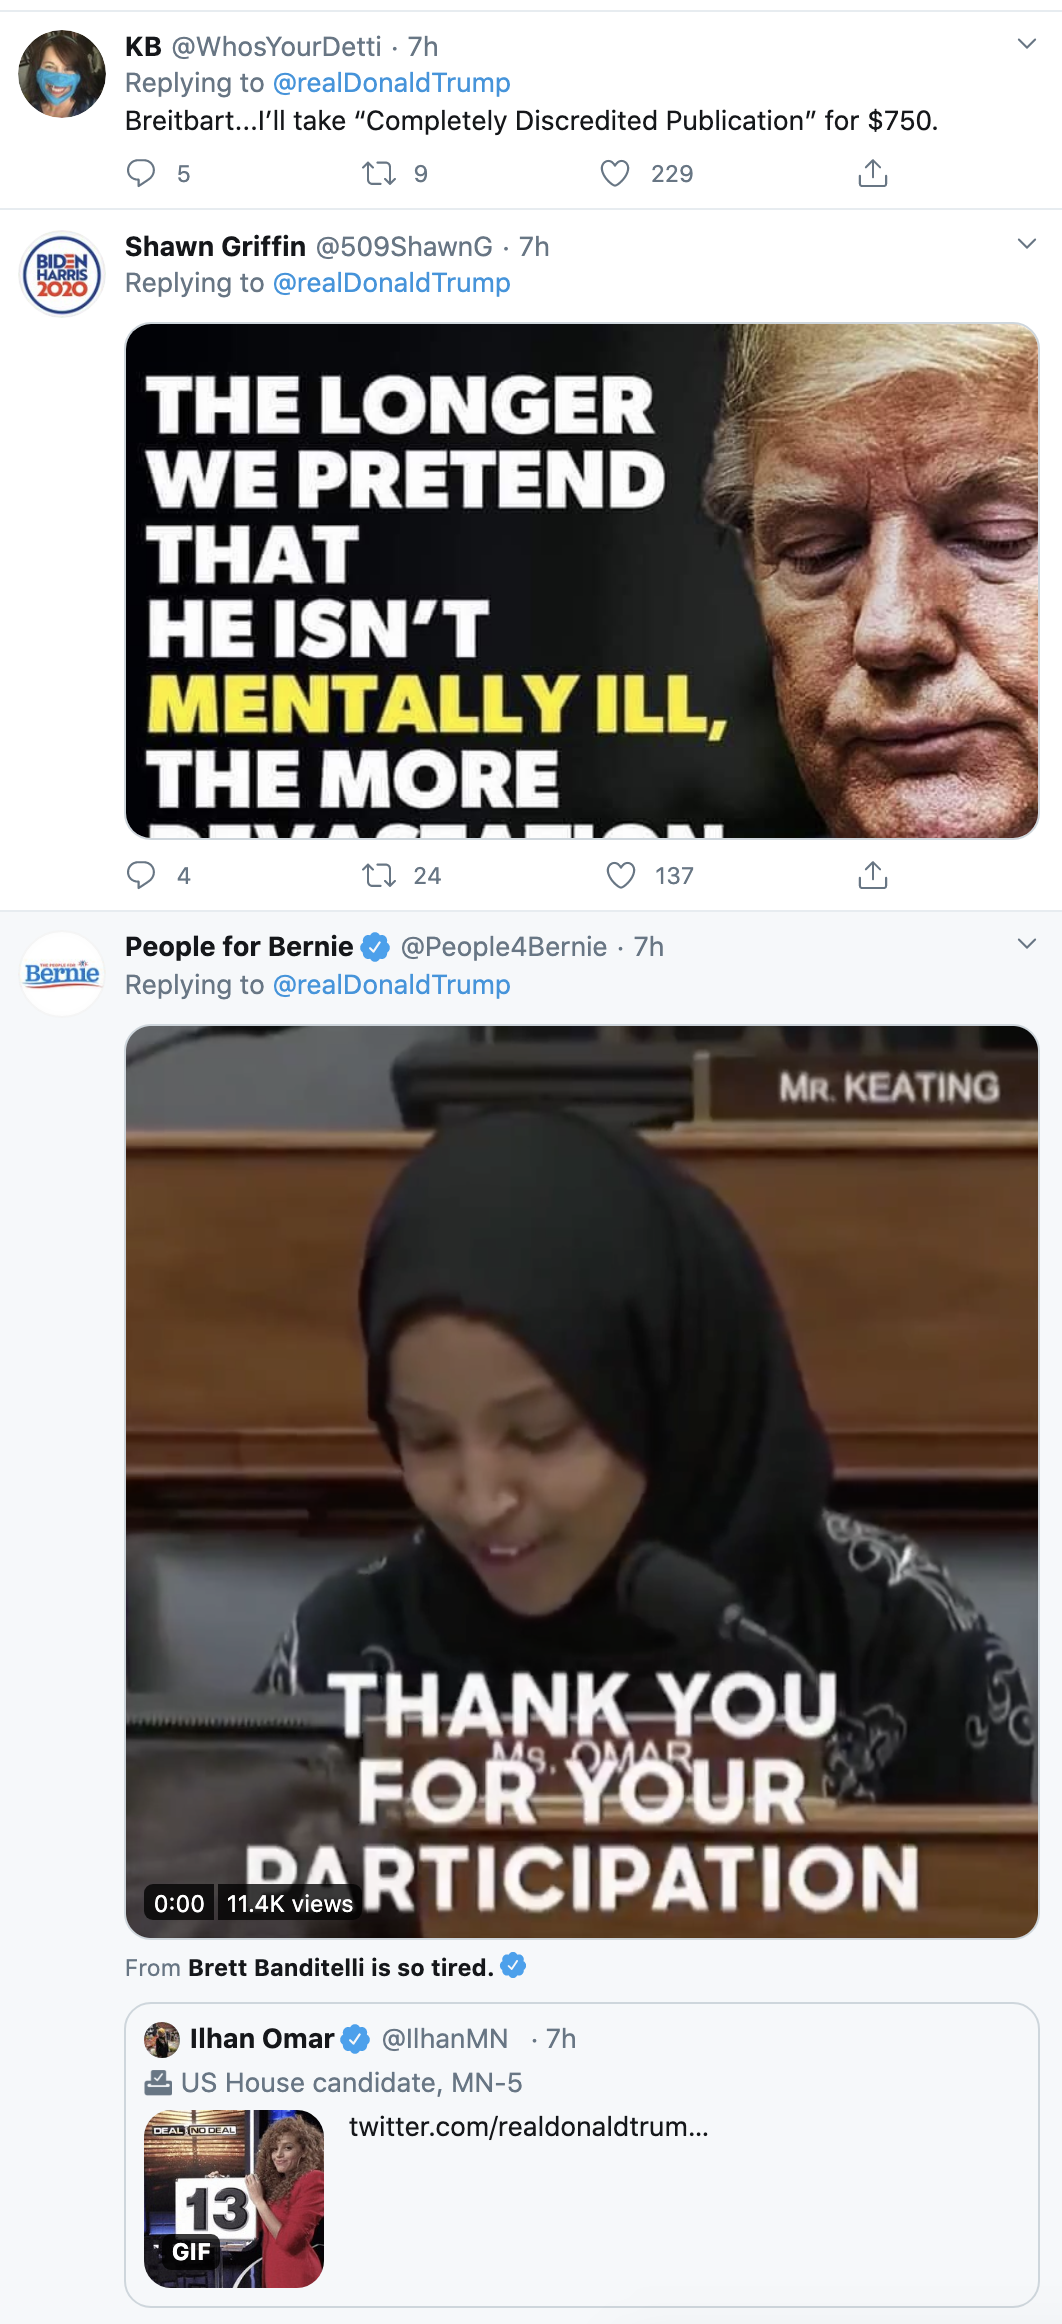 Screen-Shot-2020-09-28-at-7.30.29-AM Federal Judge Embarrasses Trump & Overrules His Executive Order Featured Politics Social Media The Internet Top Stories